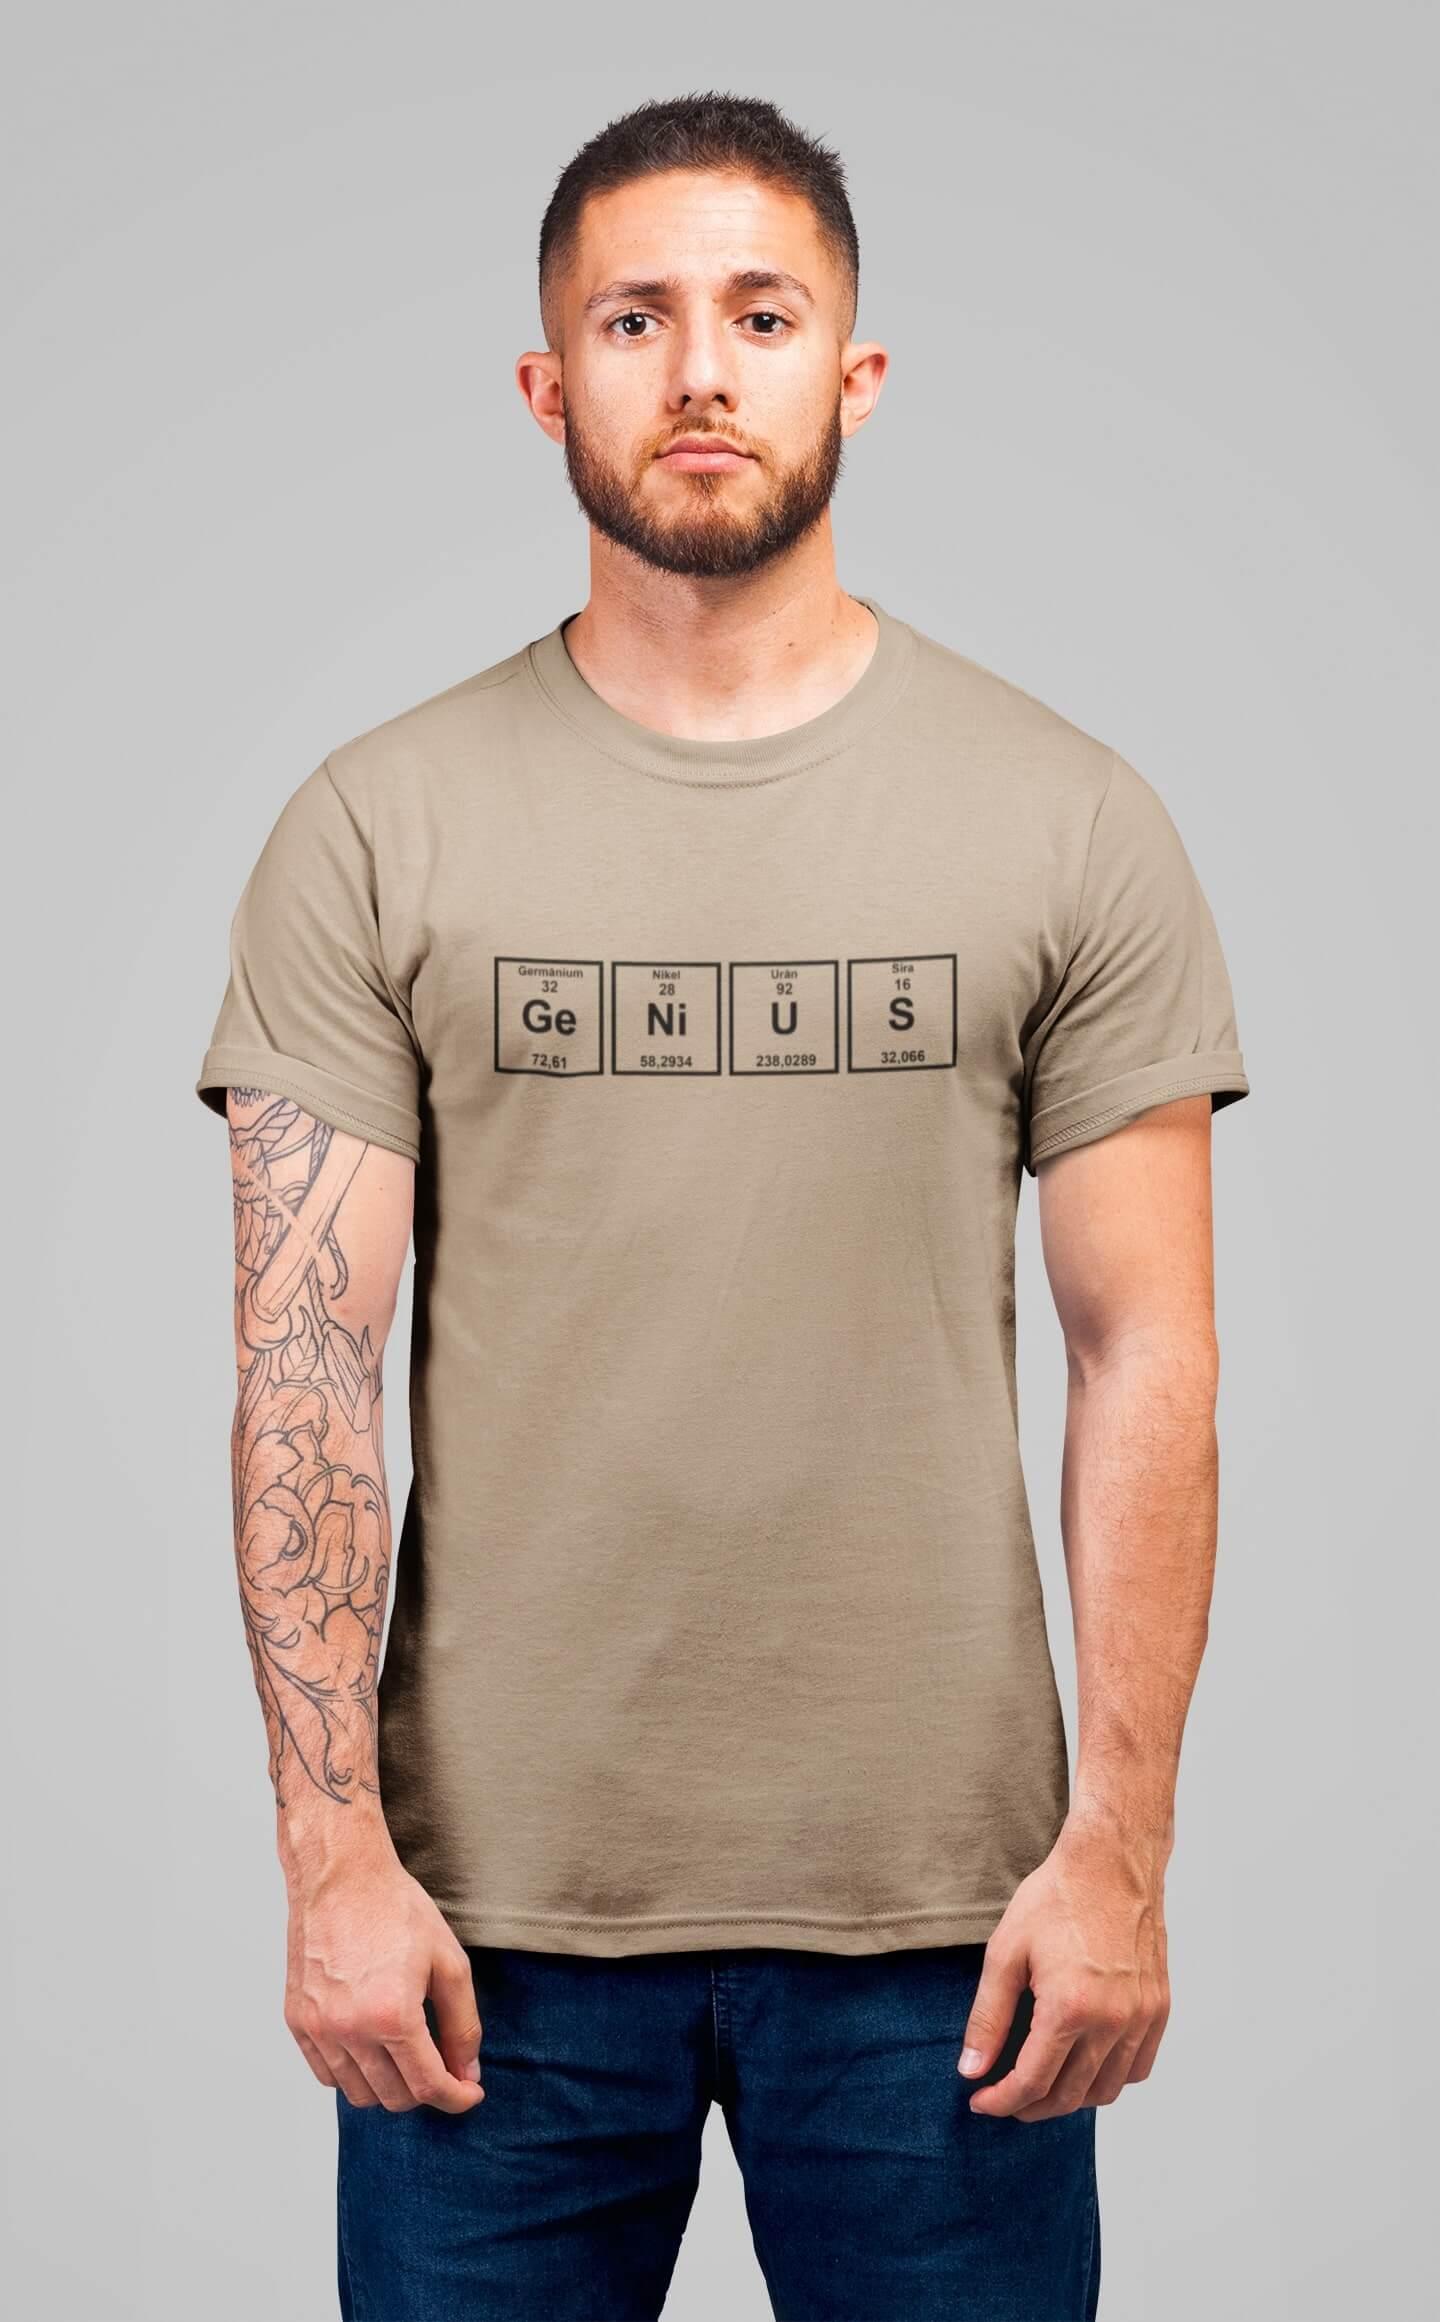 MMO Pánske tričko Genius Vyberte farbu: Piesková, Vyberte veľkosť: XS